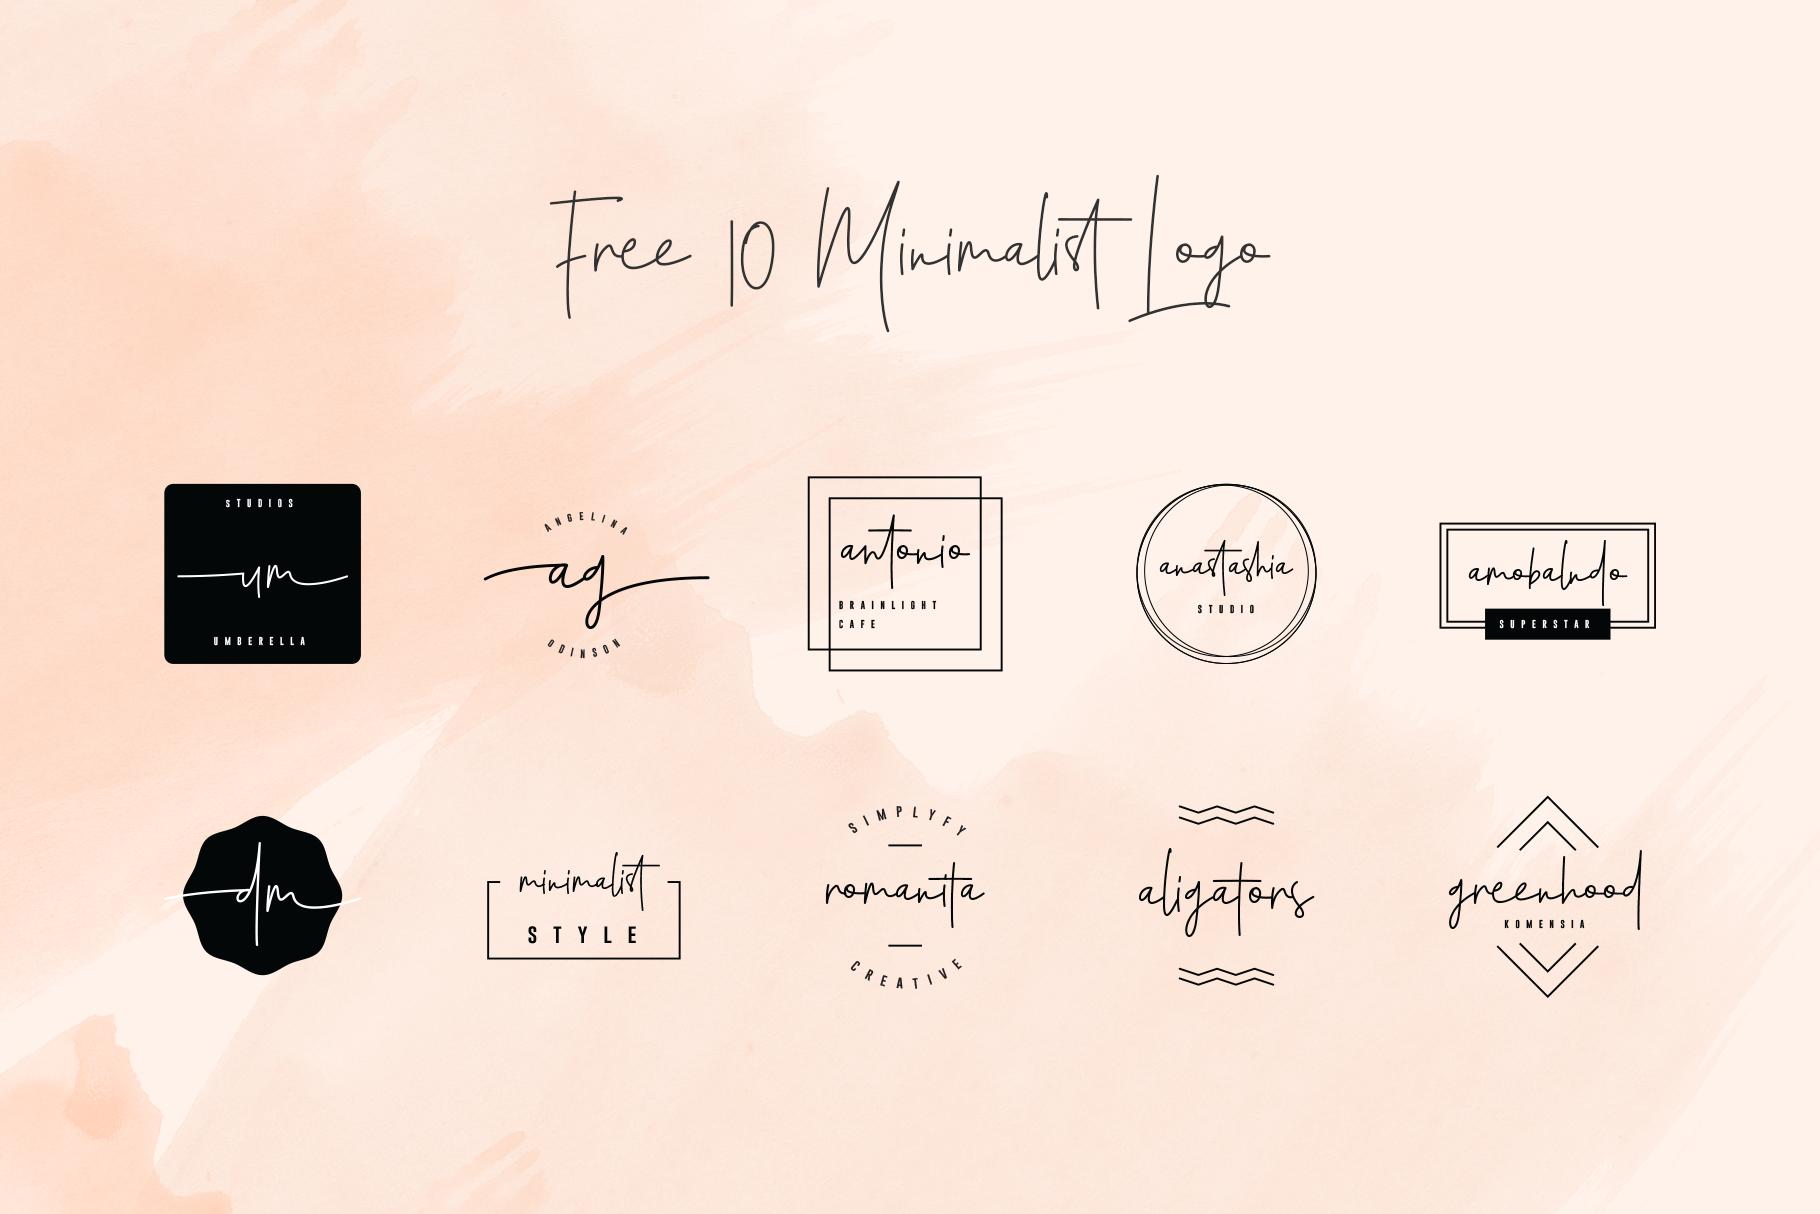 Santiago Pro - Signature Monoline / FREE 10 LOGO example image 16